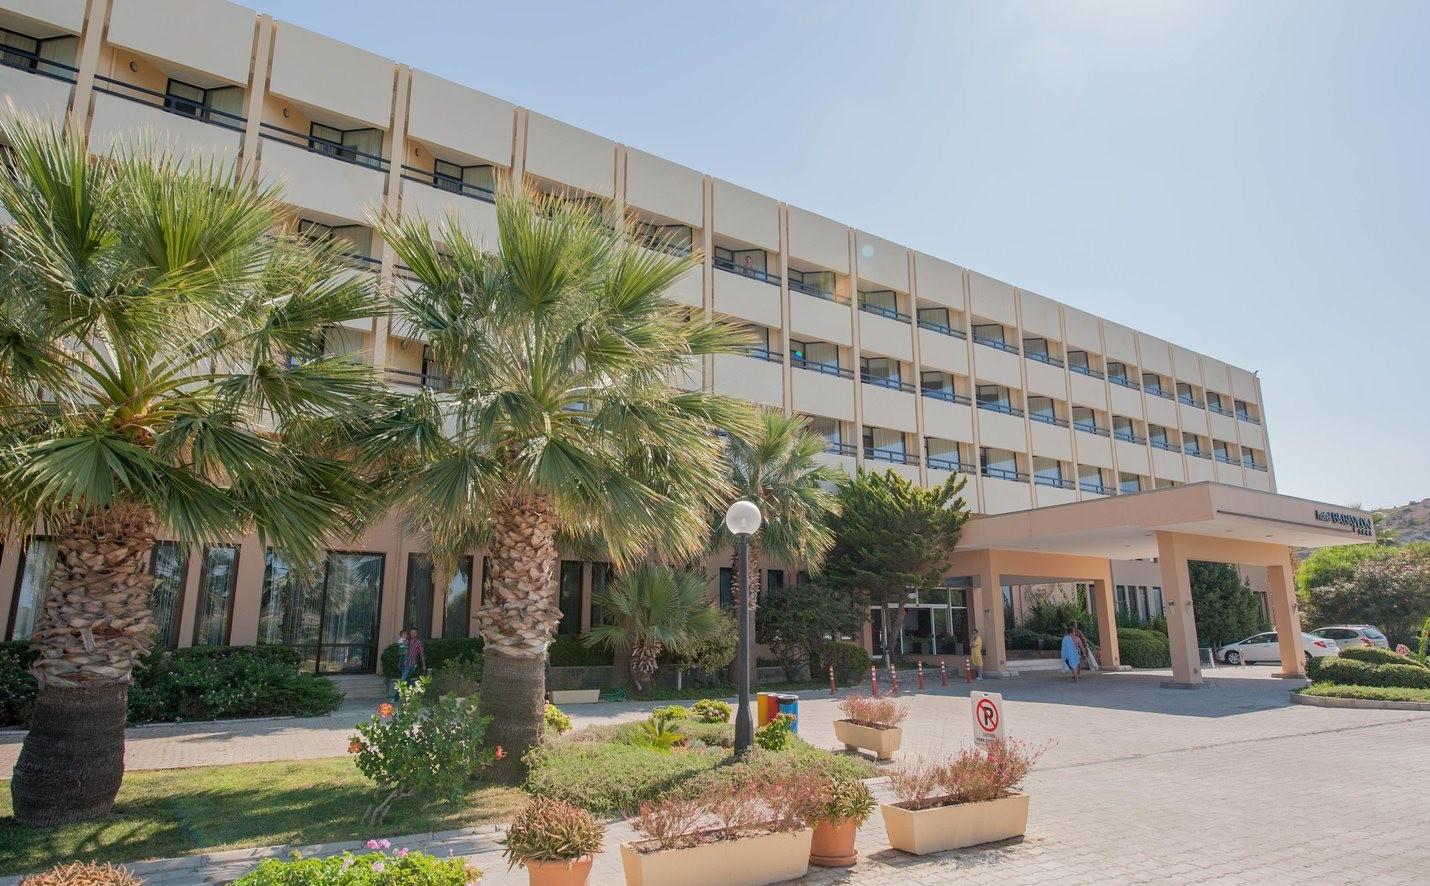 Babaylon - hotel